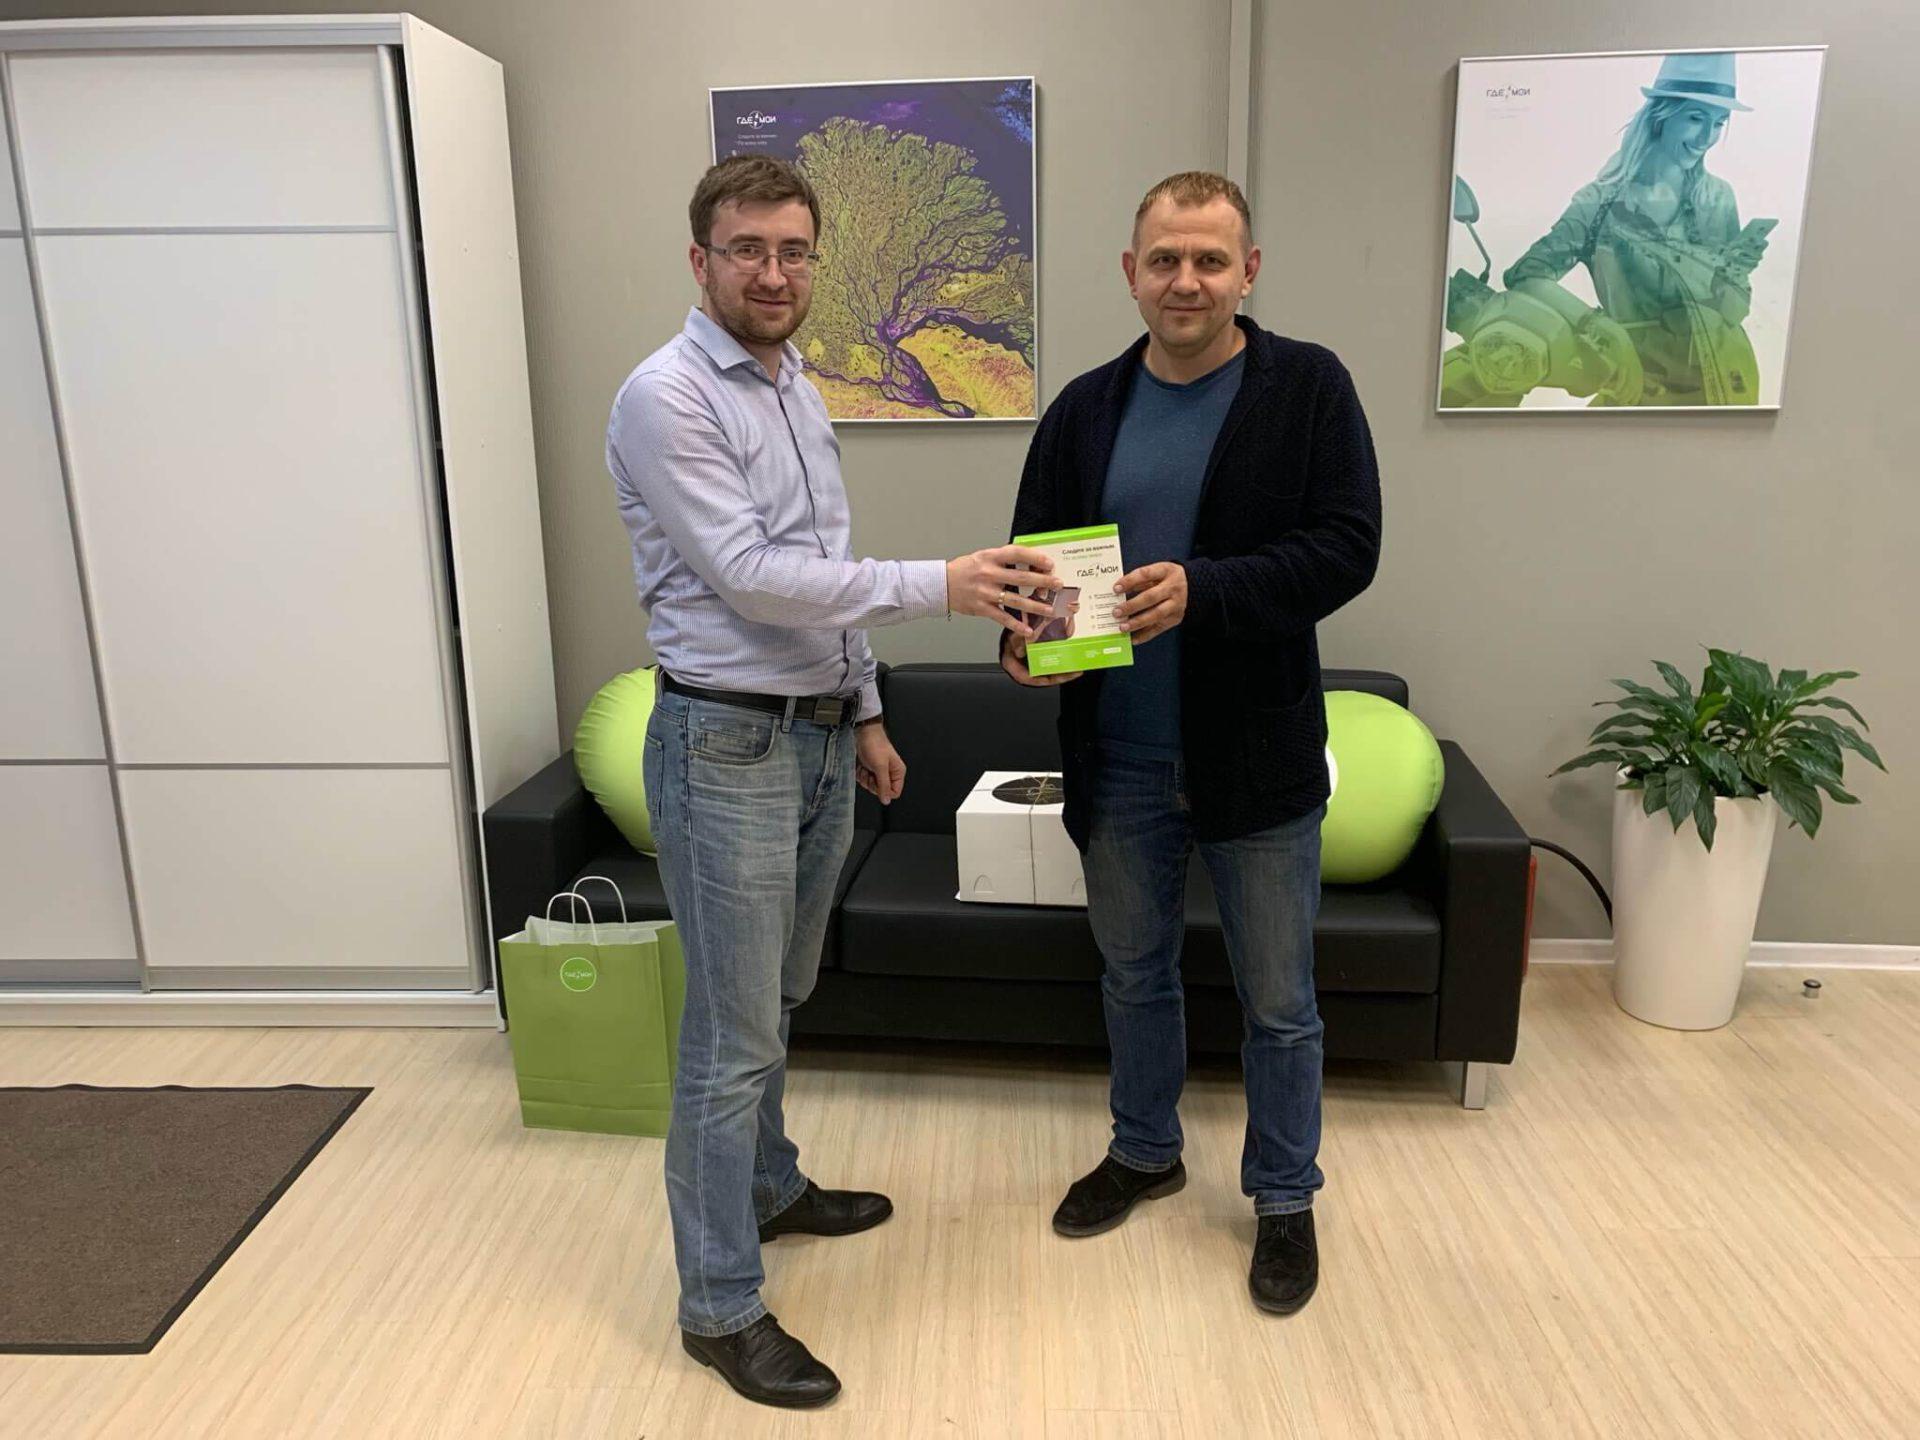 На фото: клиент Барабанов Андрей и Менеджер по развитию корпоративных клиентов Юсупов Руслан